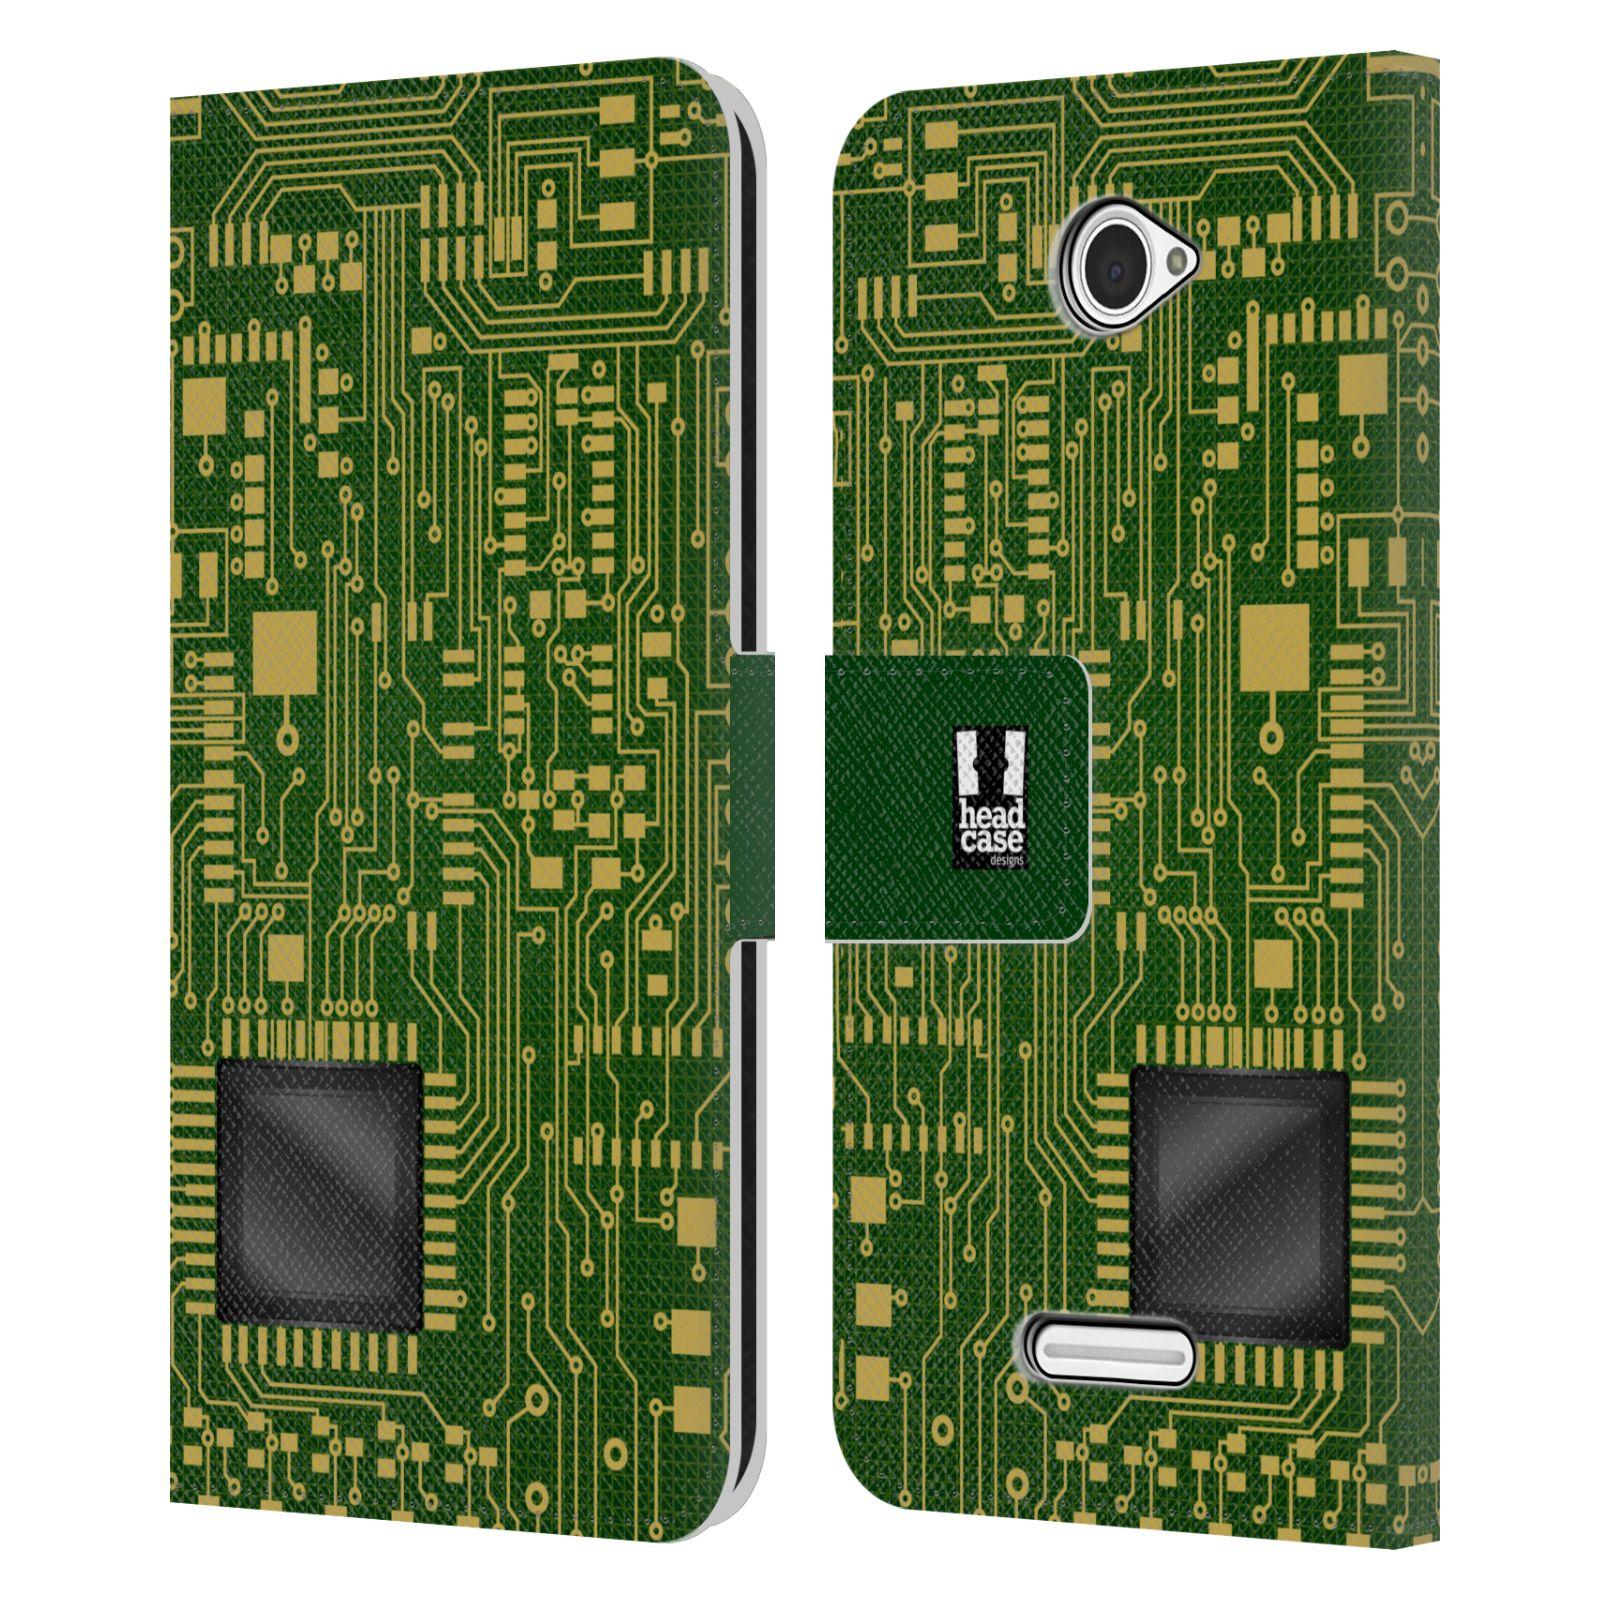 HEAD CASE Flipové pouzdro pro mobil SONY XPERIA E4 počítač základní deska zelená barva velký čip